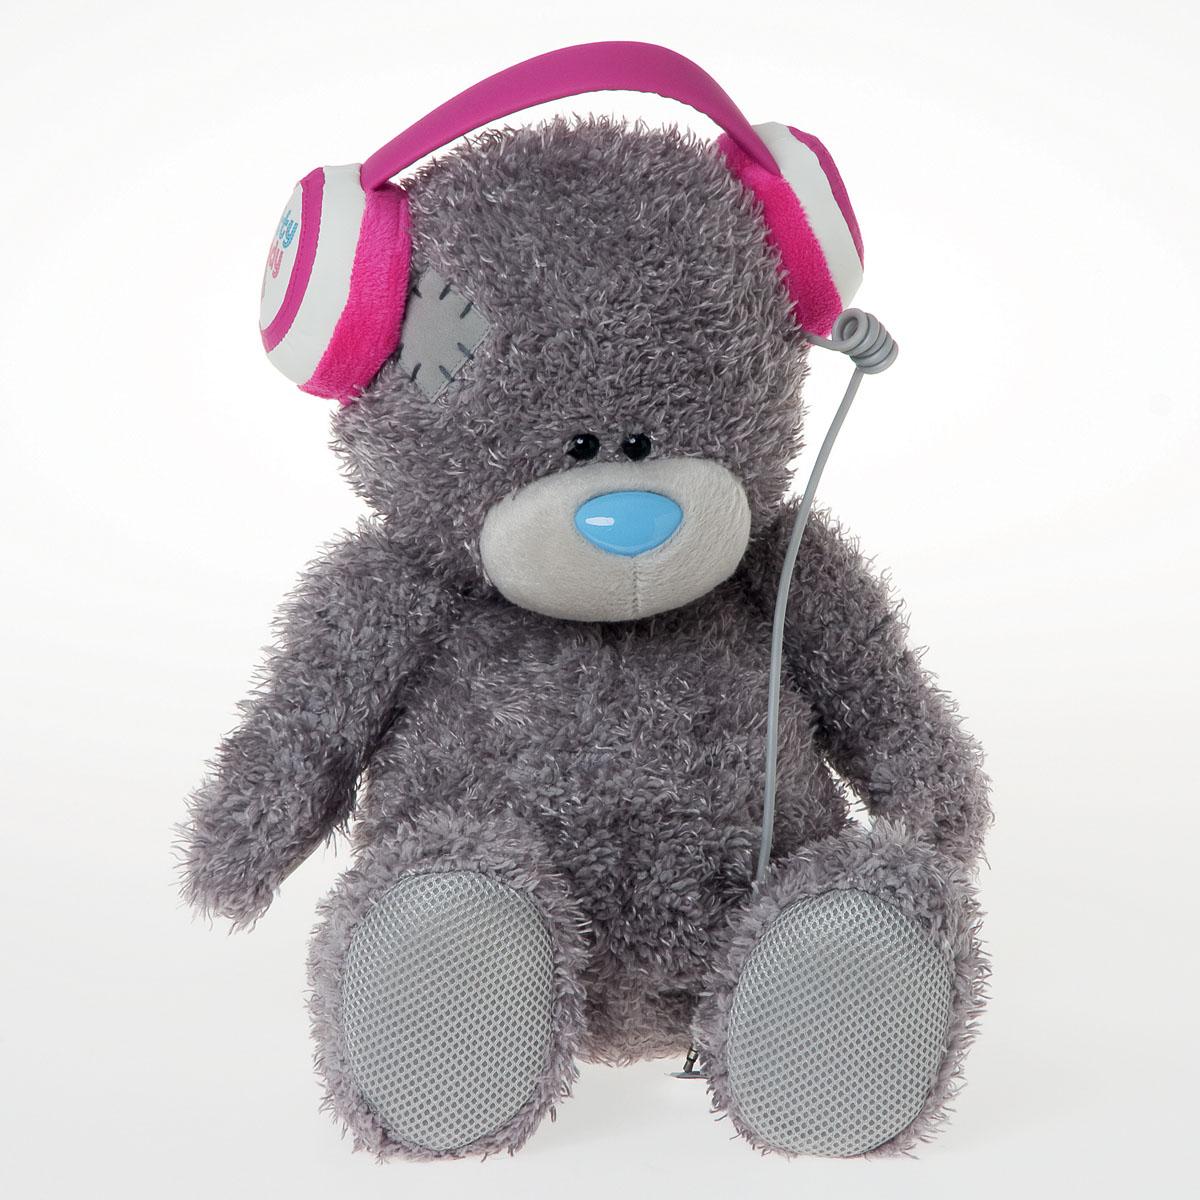 Me to You Мишка 34*24,5*23 см. с функцией MP3, в наушниках, в коробкеG01W2855Мишка Тедди в наушниках от Me To You , теперь имеет растрепанную серую шерстку и голубой нос. Он по-прежнему очень мил и красив. О давней истории мишки говорит симпатичная заплатка и потрепанная пушистая шерстка. Но Тедди, как и прежде настоящий английский аристократ, поэтому он не жалуется на свои раны, он только все больше и больше привязывается к нам, как и мы к нему. Мишка Тедди имеет функцию MP3 и может воспроизводить различные мелодии, для этого есть наушники.